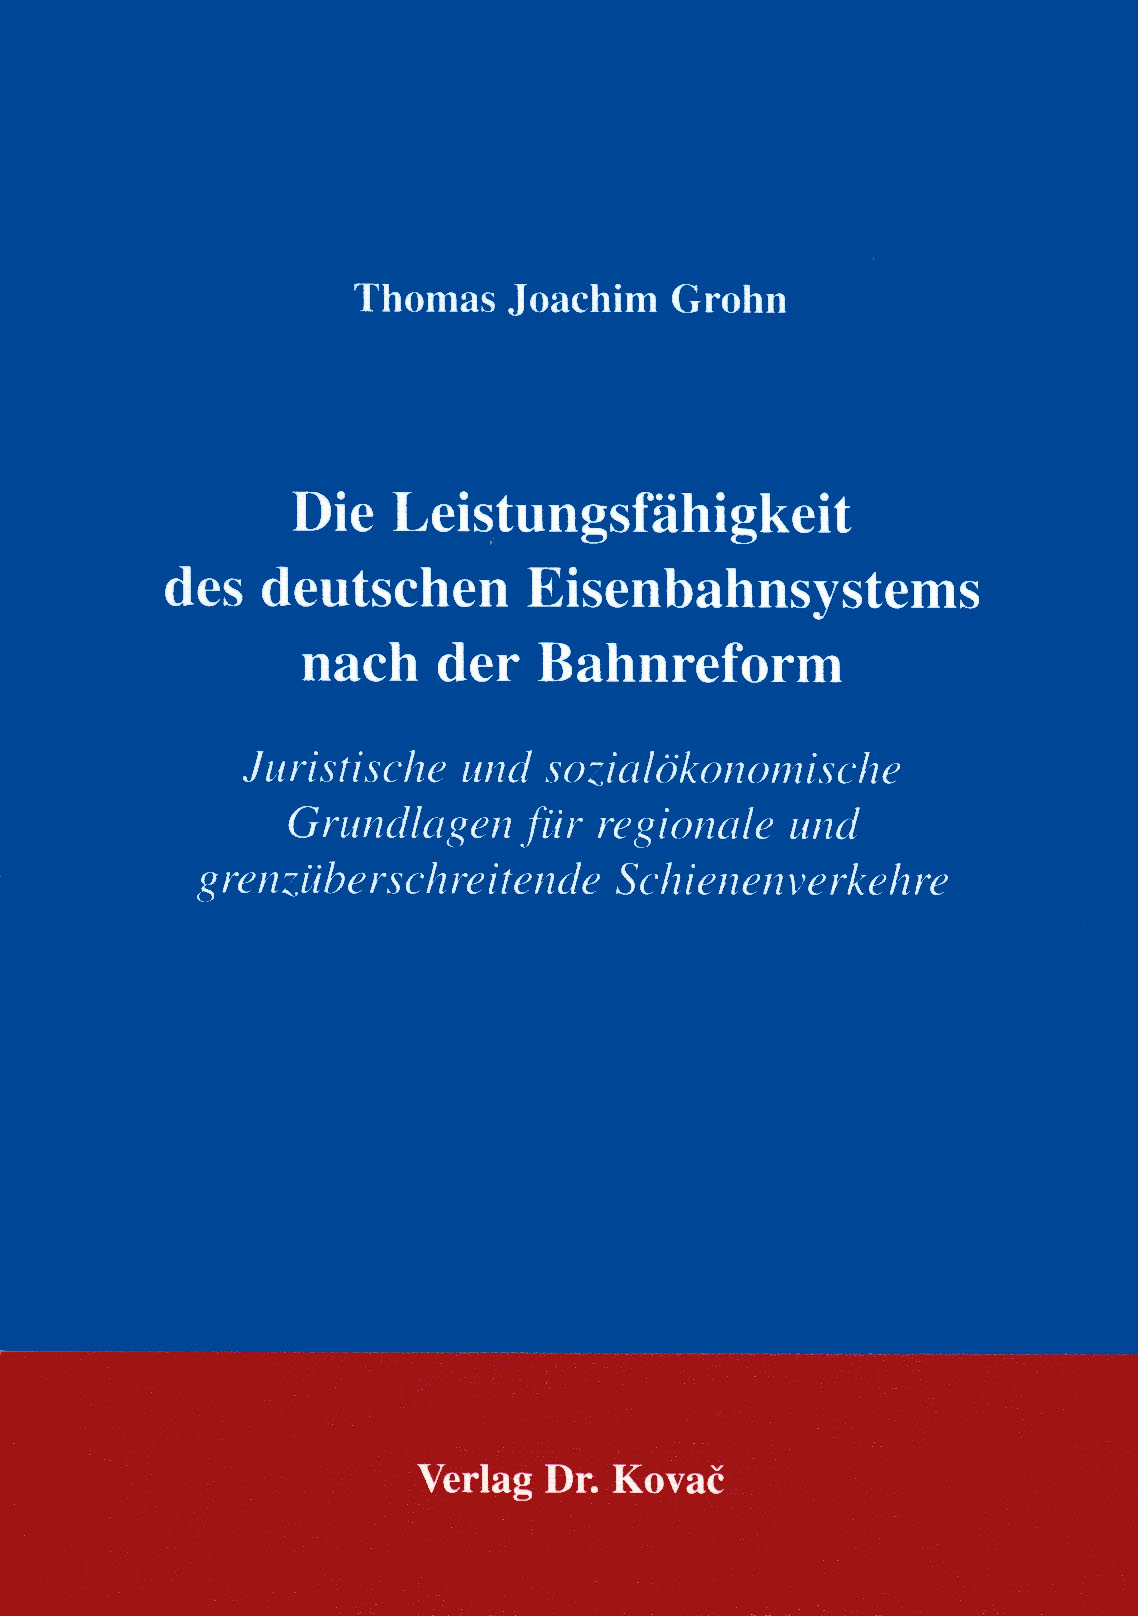 Cover: Die Leistungsfähigkeit des deutschen Eisenbahnsystems nach der Bahnreform